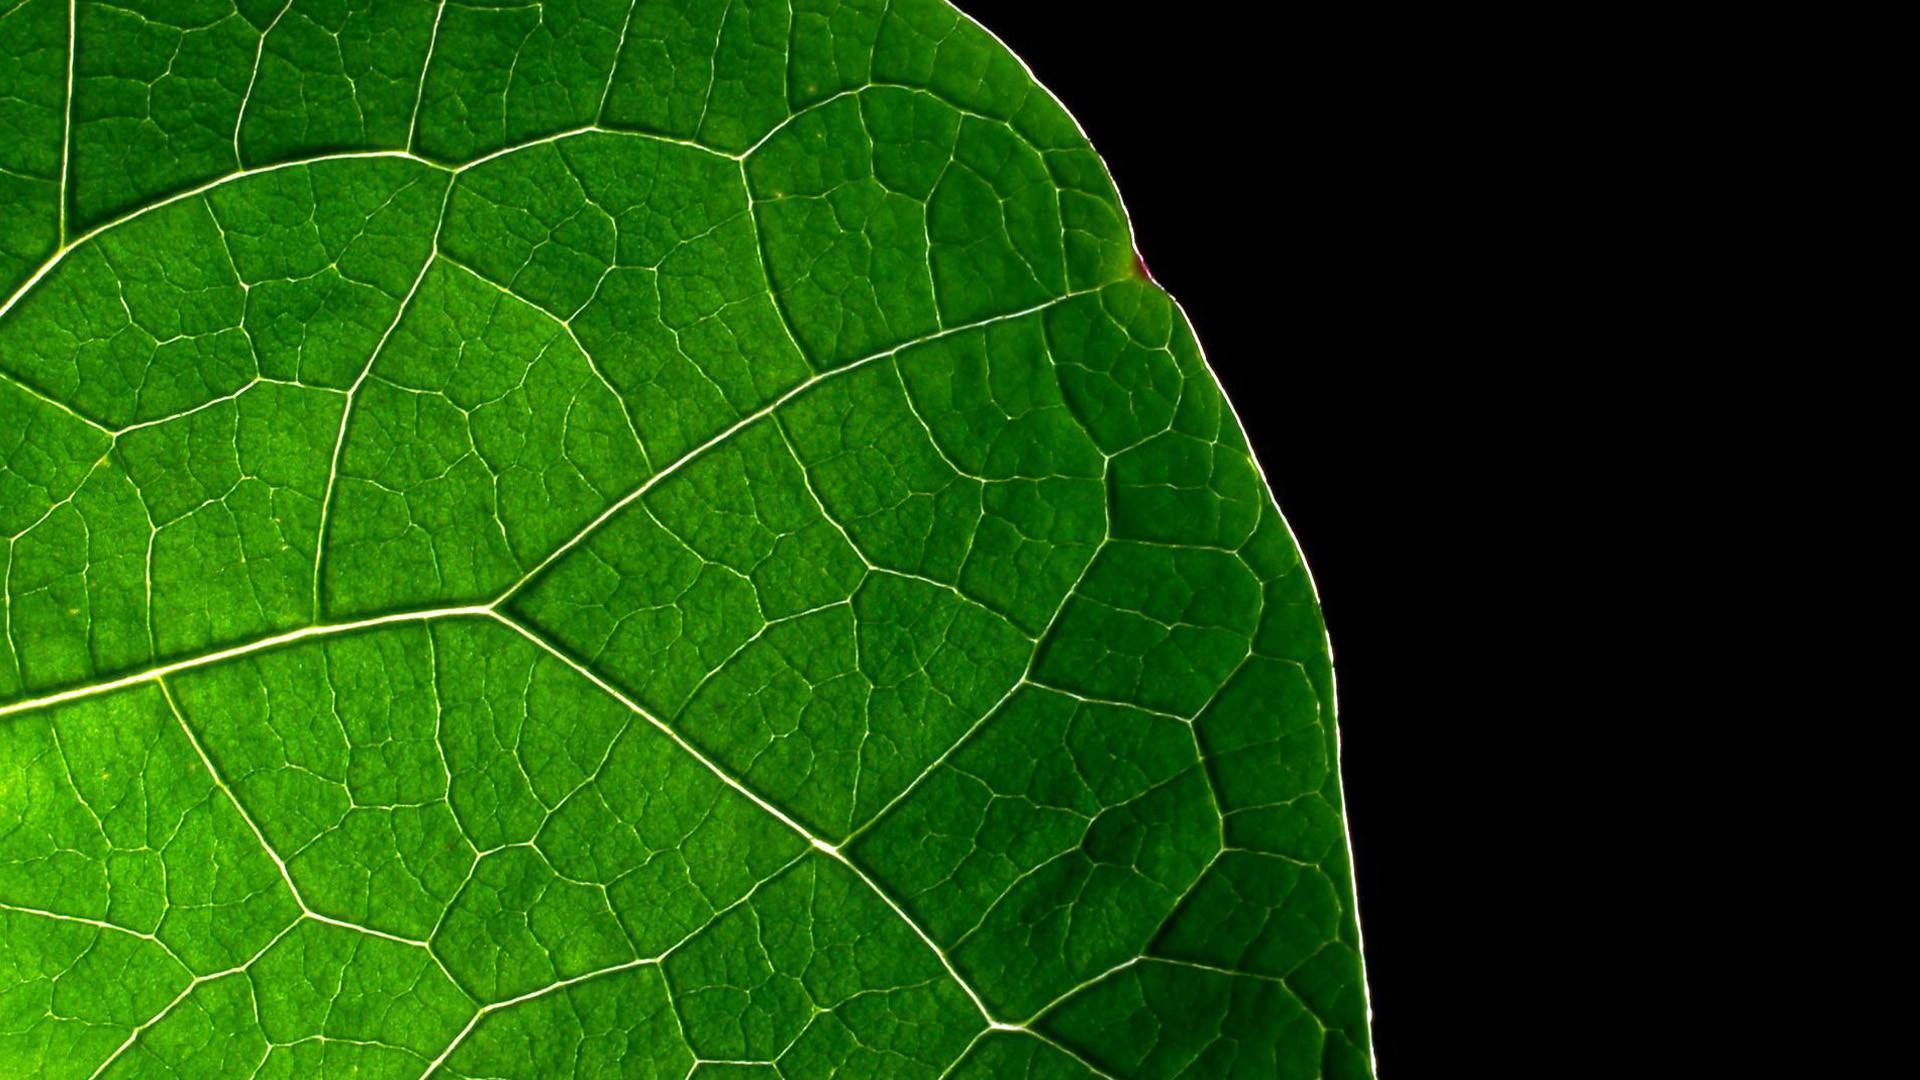 Dark Green Leaves Wallpapers HD.